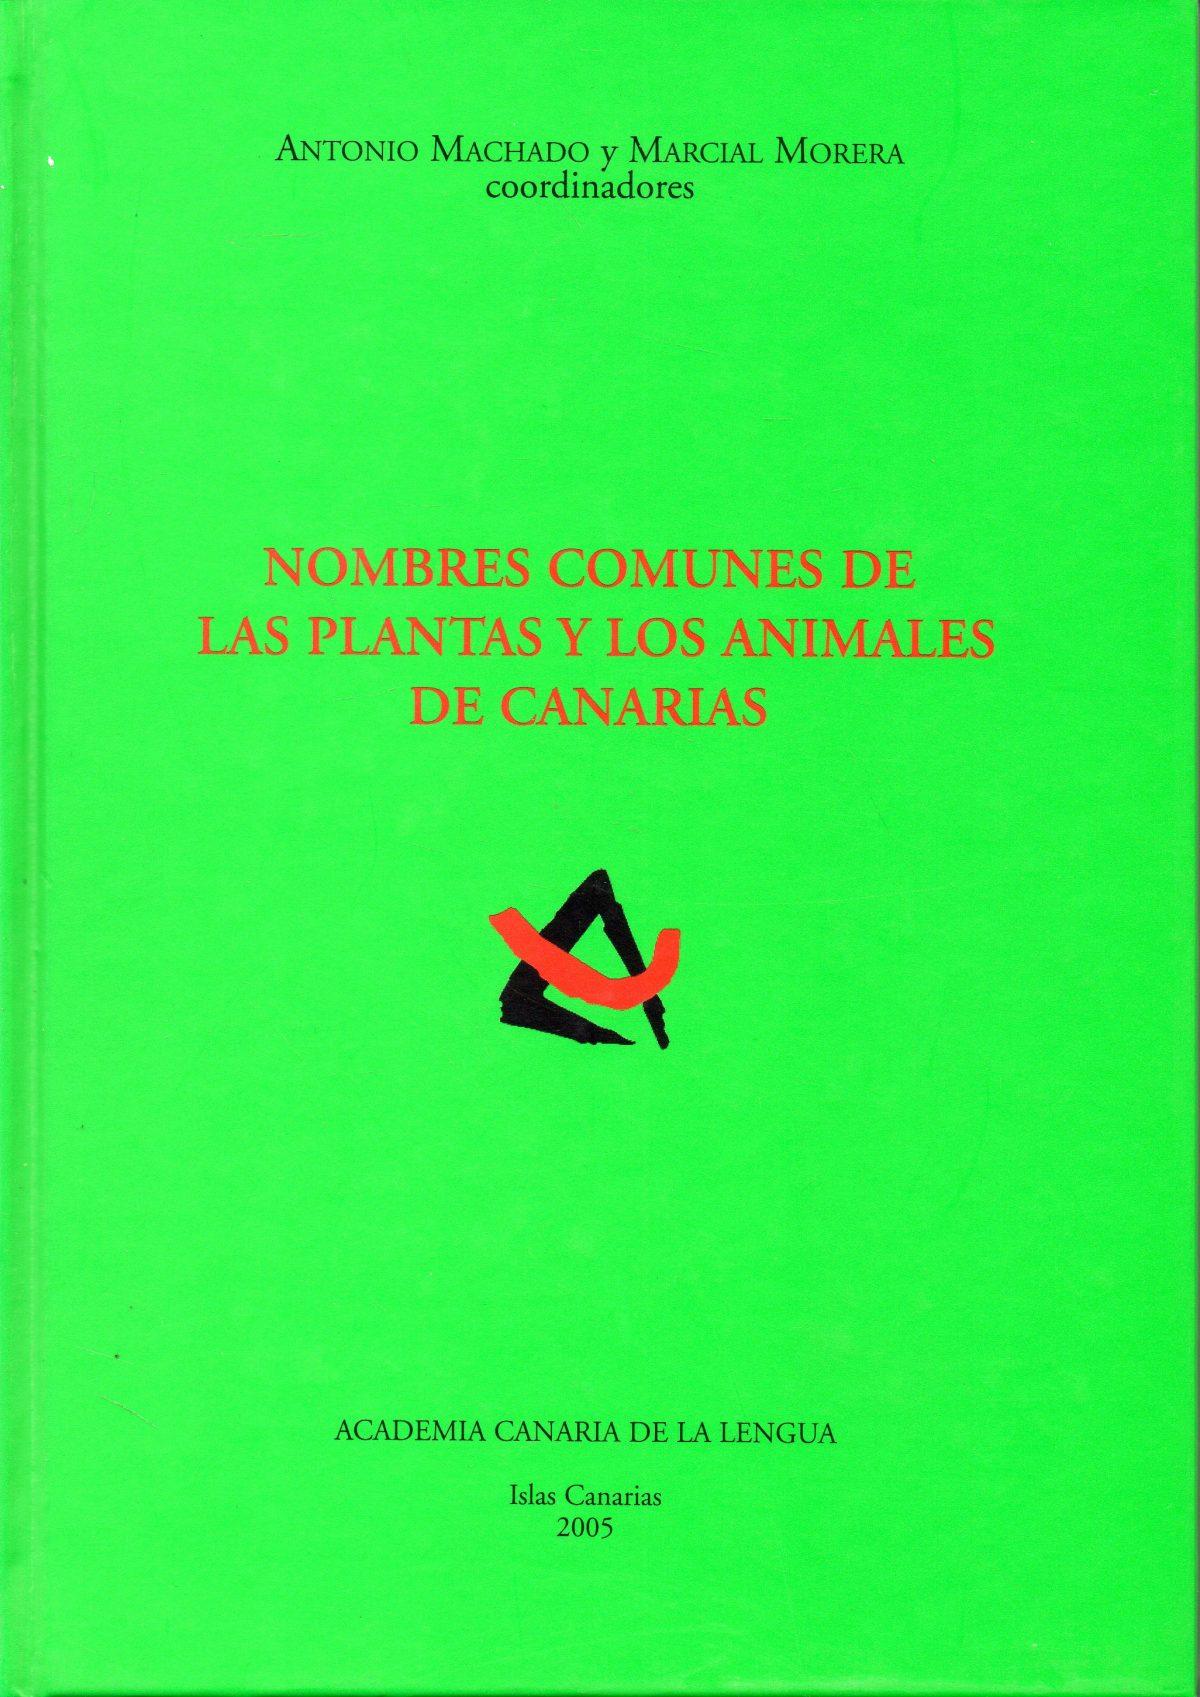 «Nombres comunes de las plantas y los animales de Canarias»